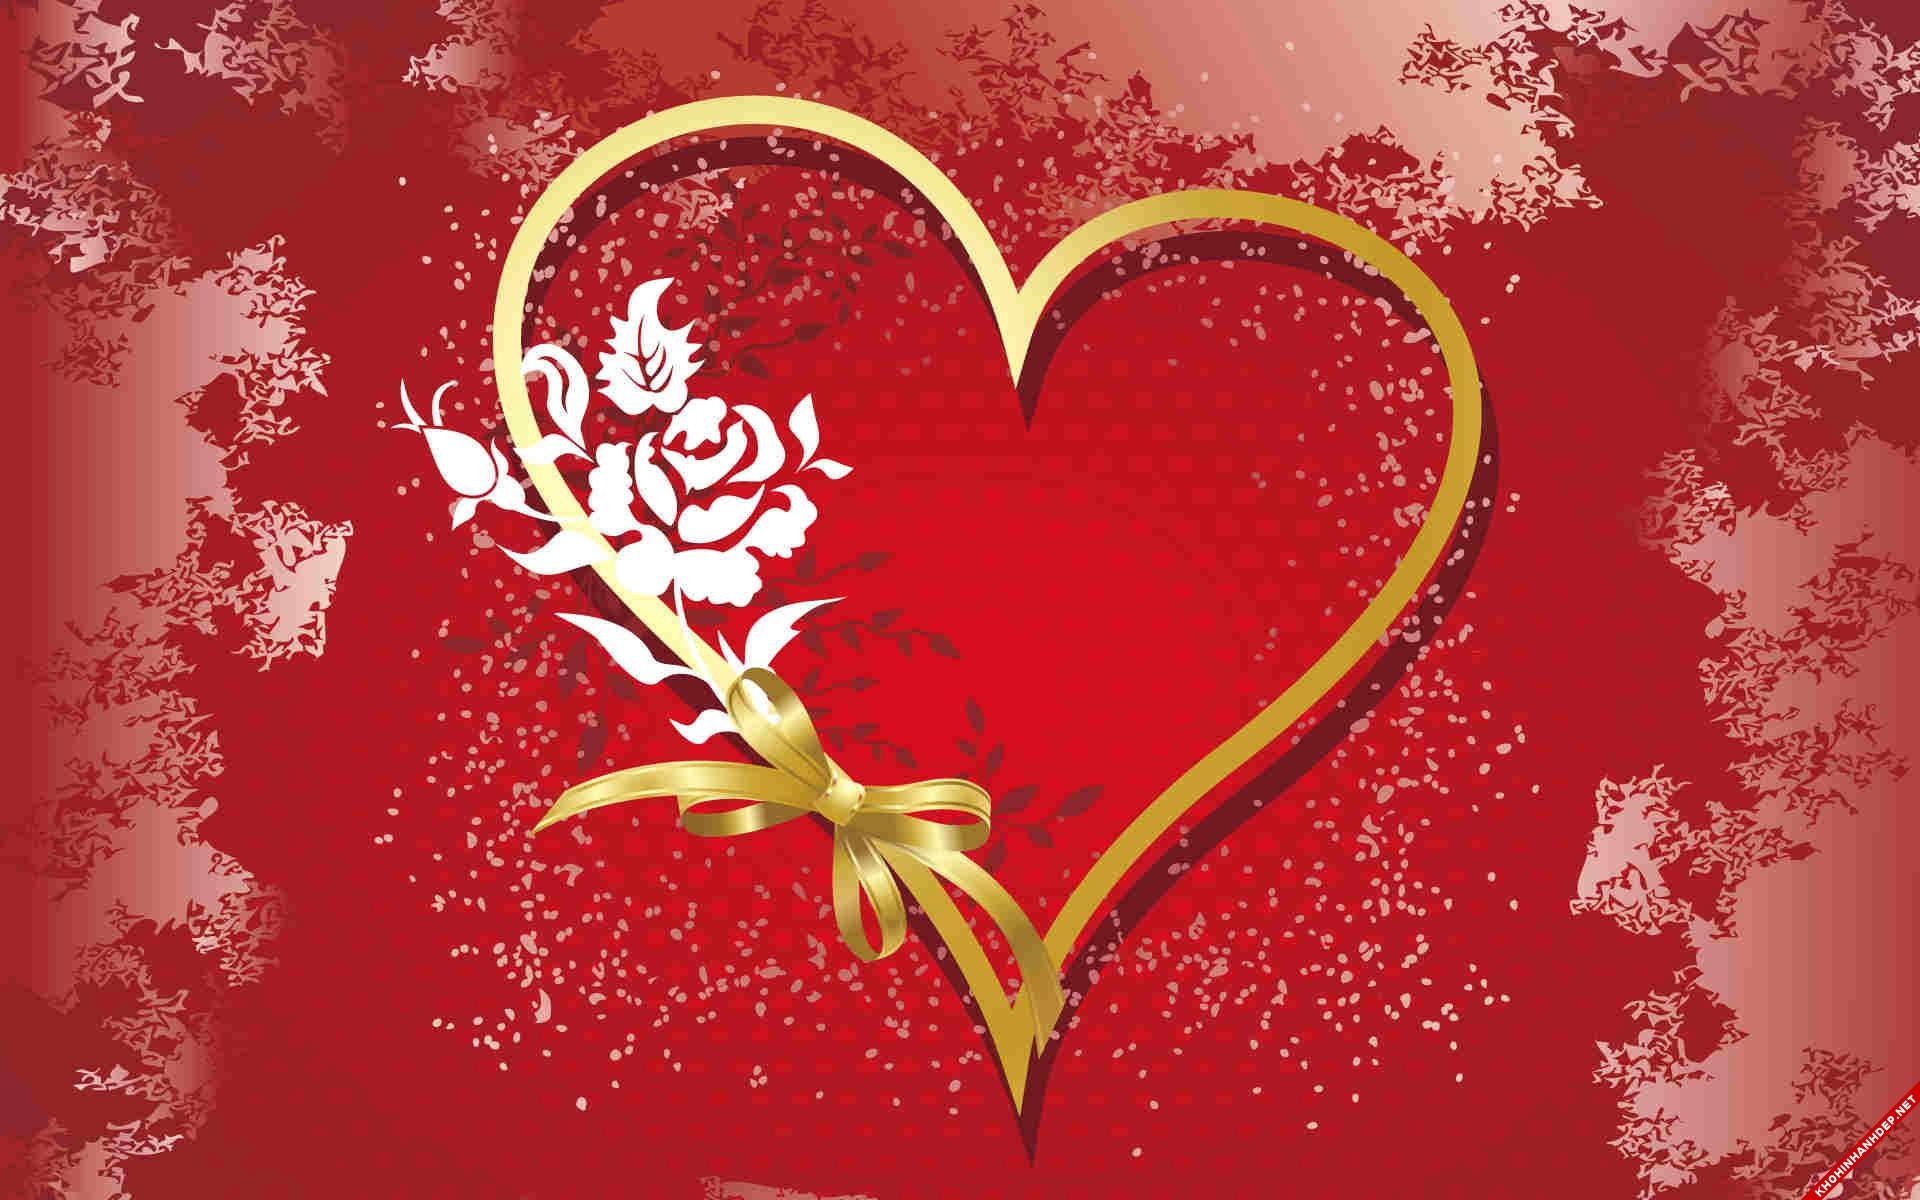 Tải hình nền tình yêu đôi lứa đẹp nhất